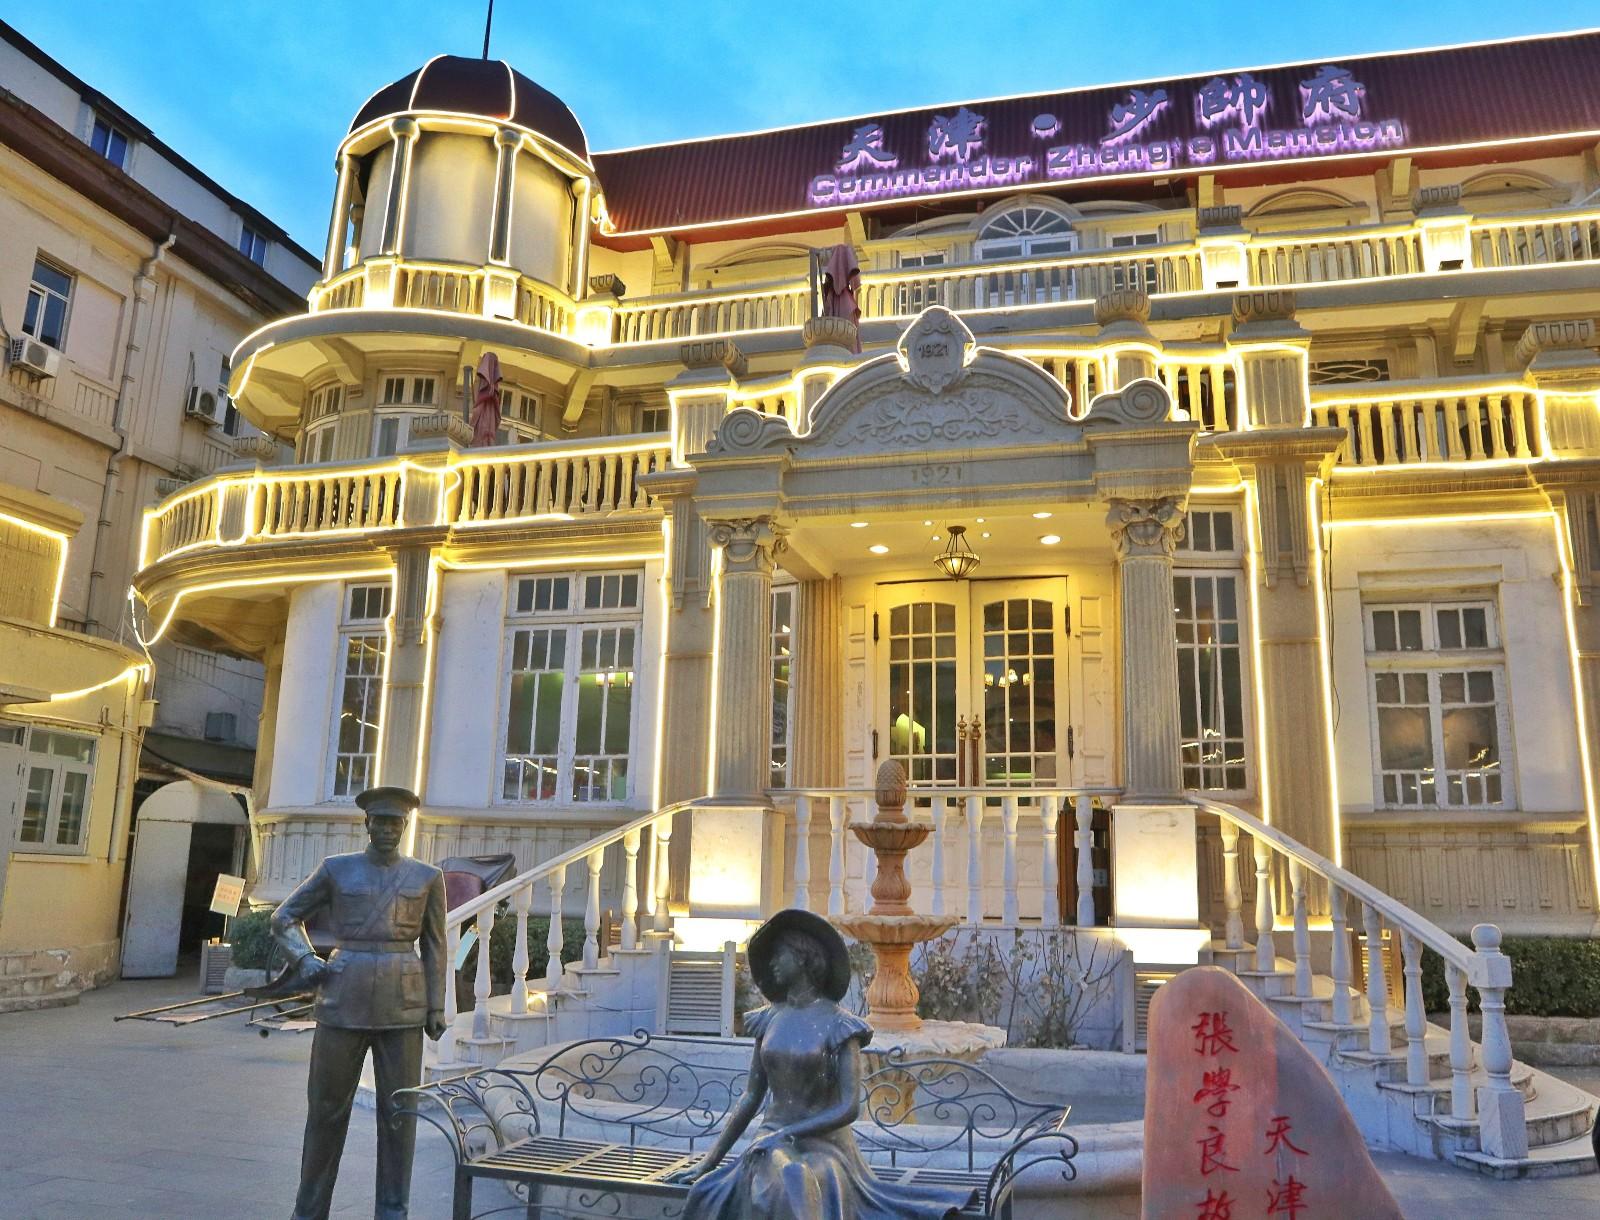 【新年轻度假】跟天津娃游少帅府,听张学良在天津的故事。